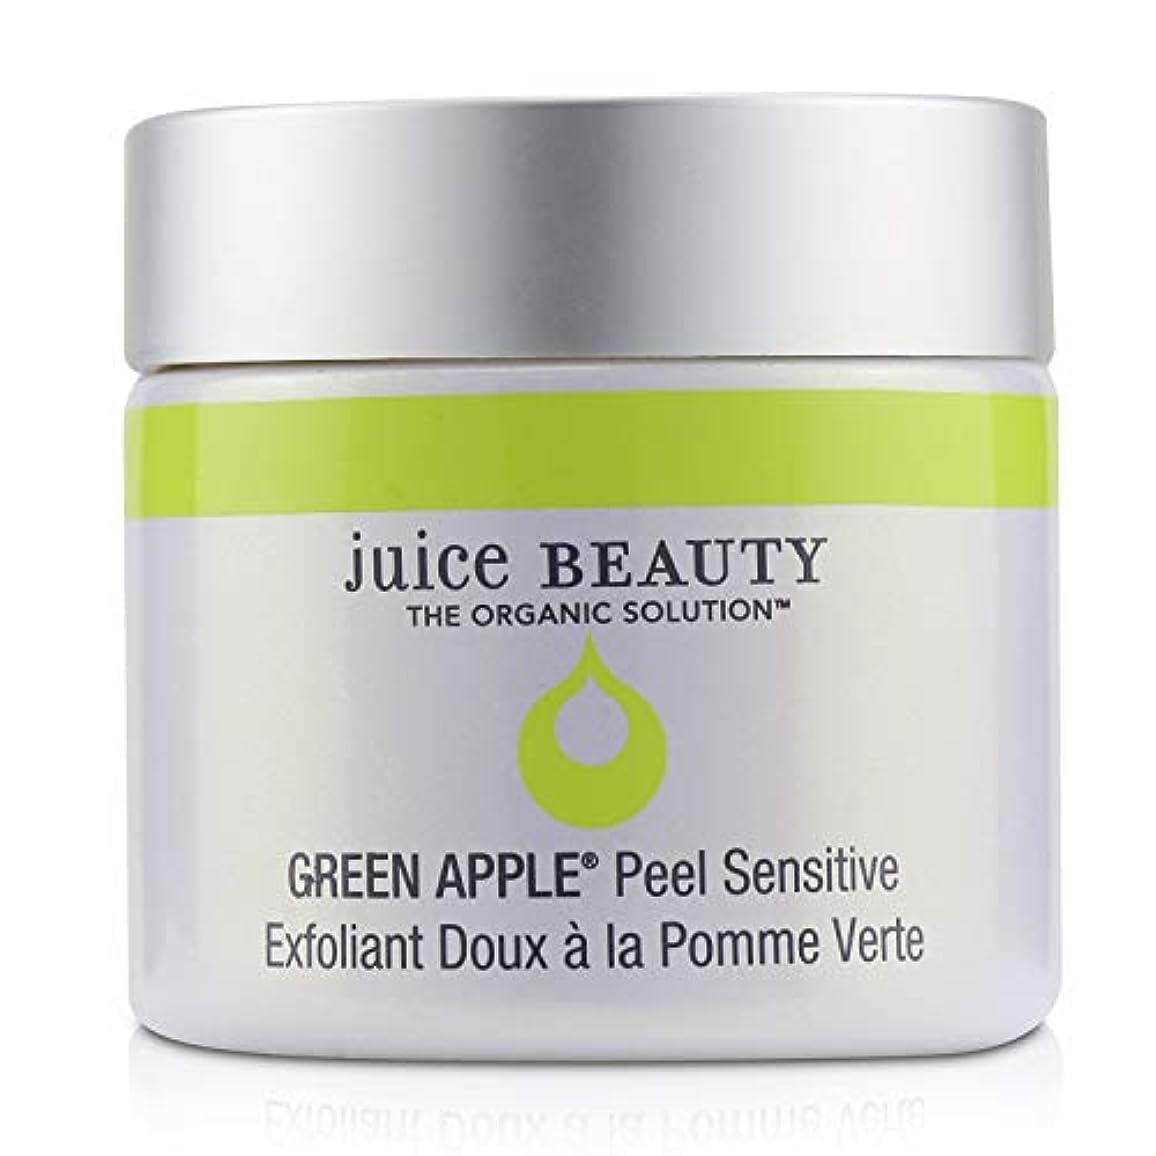 しつけ二次子供達ジュースビューティ Green Apple Peel Sensitive Exfoliating Mask 60ml/2oz並行輸入品